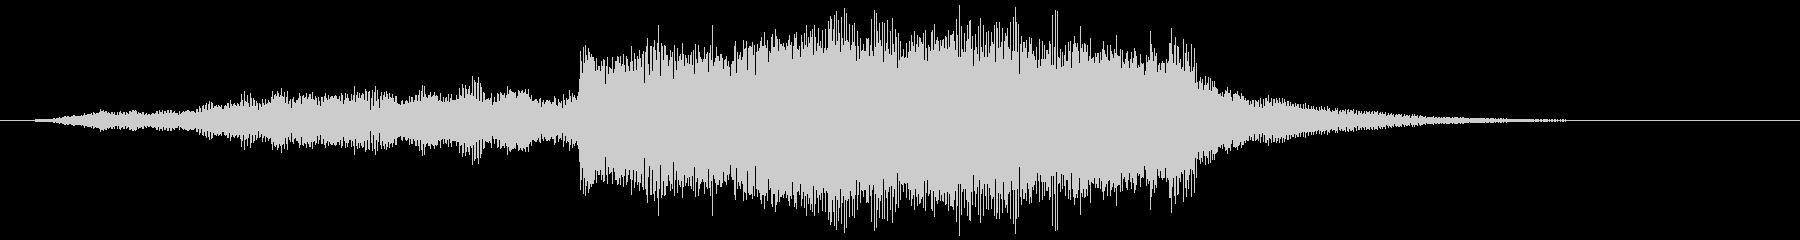 幻想的で広がりのあるサウンドロゴの未再生の波形